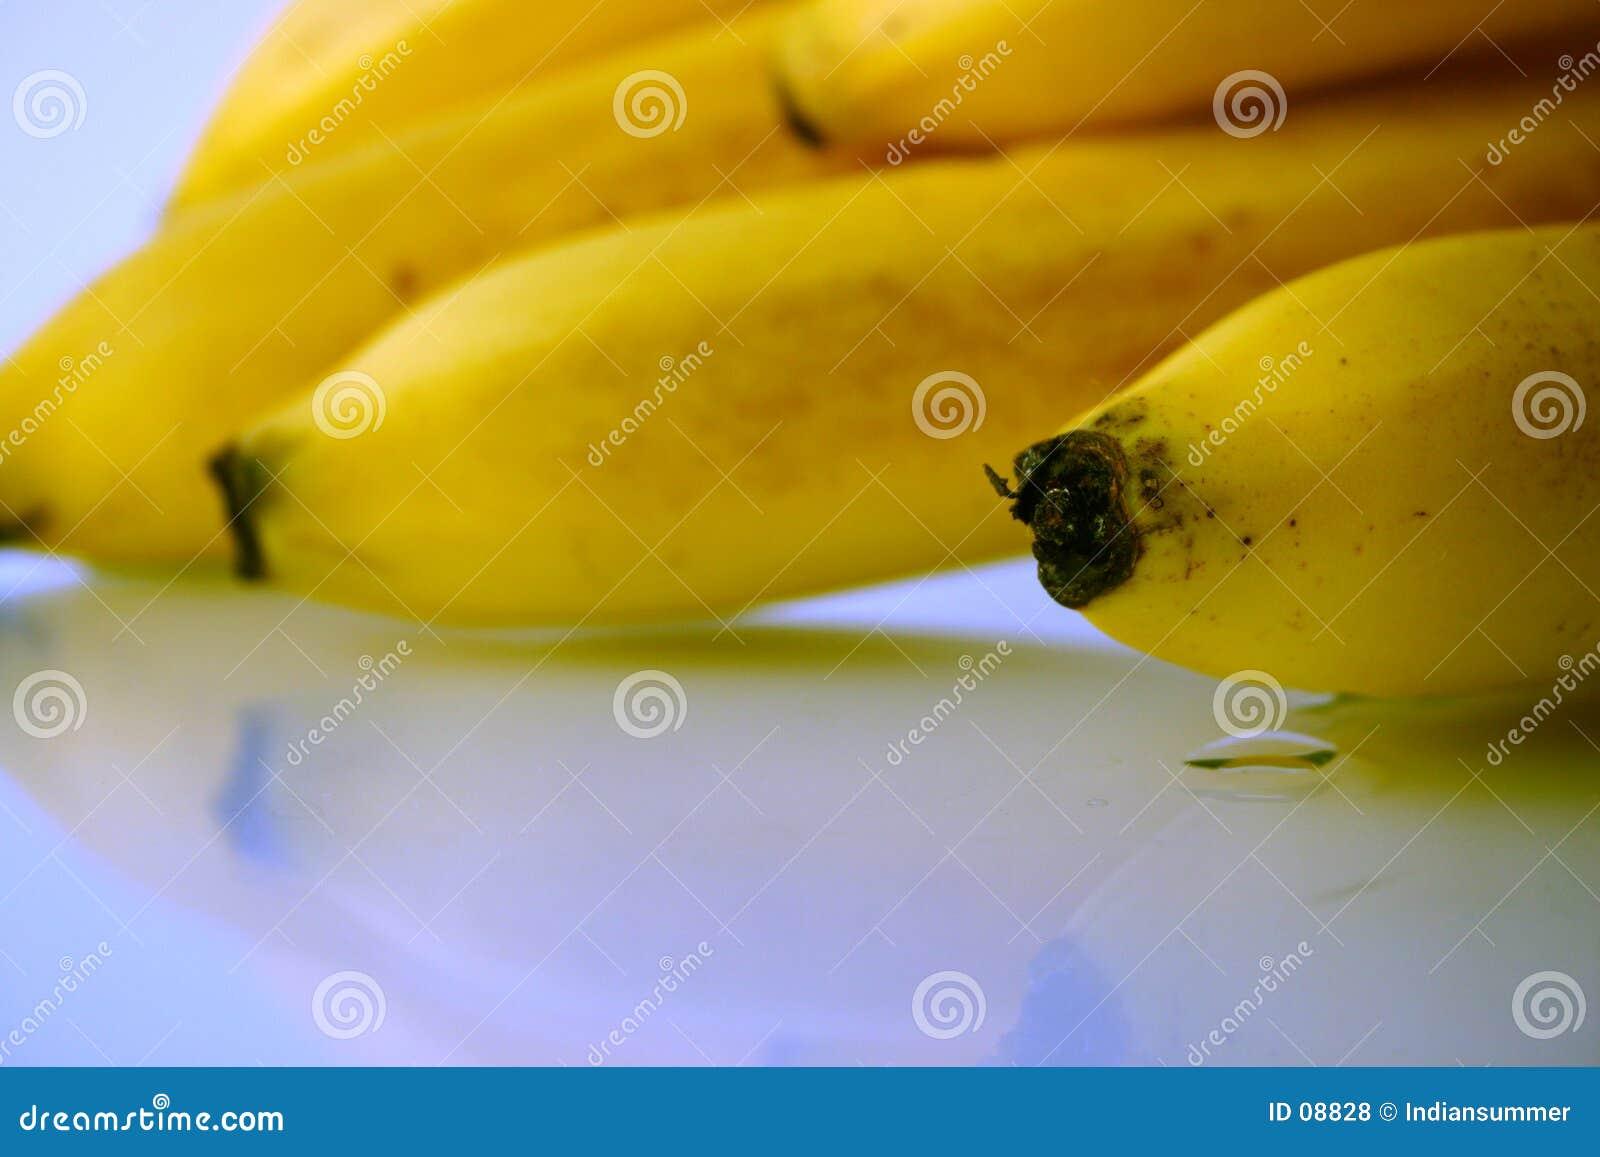 Bananennahaufnahme